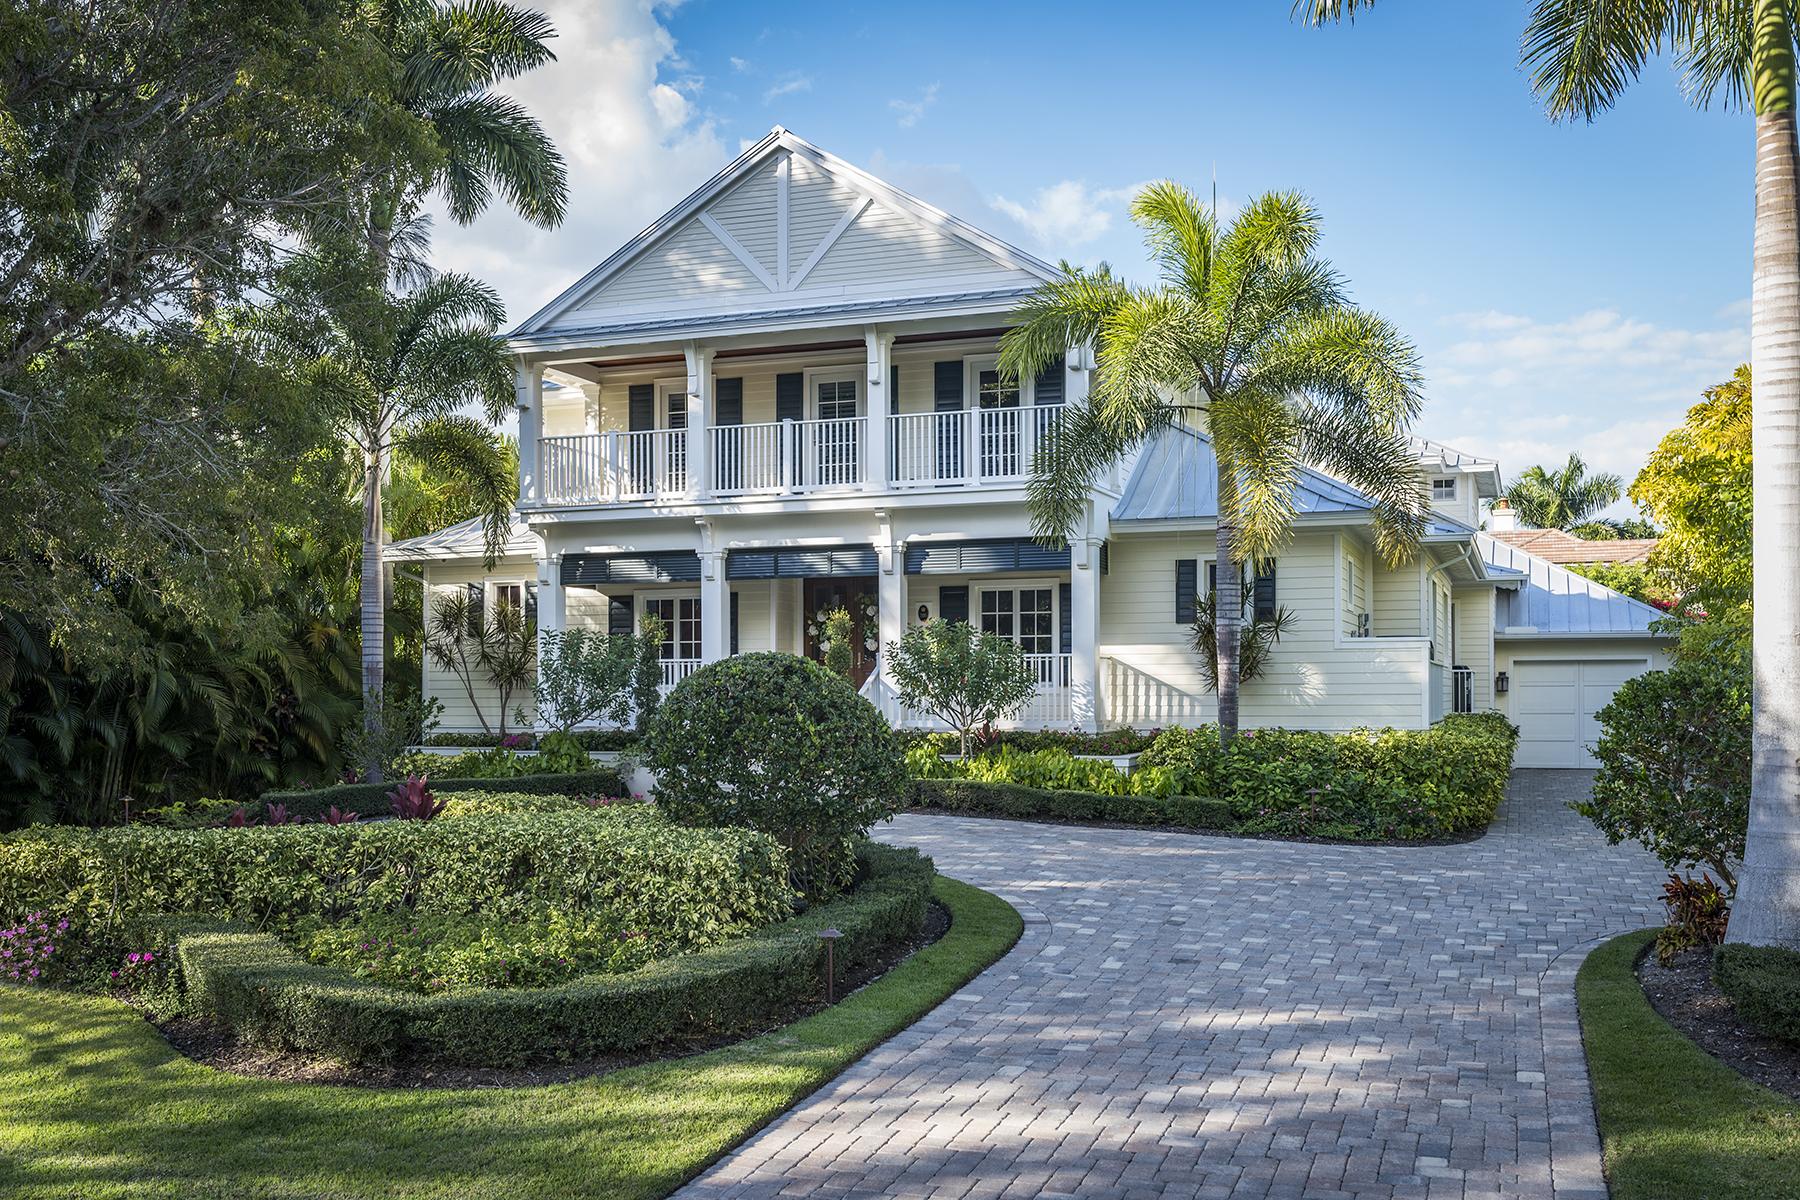 独户住宅 为 销售 在 OLDE NAPLES 205 3rd Ave N 那不勒斯, 佛罗里达州, 34102 美国